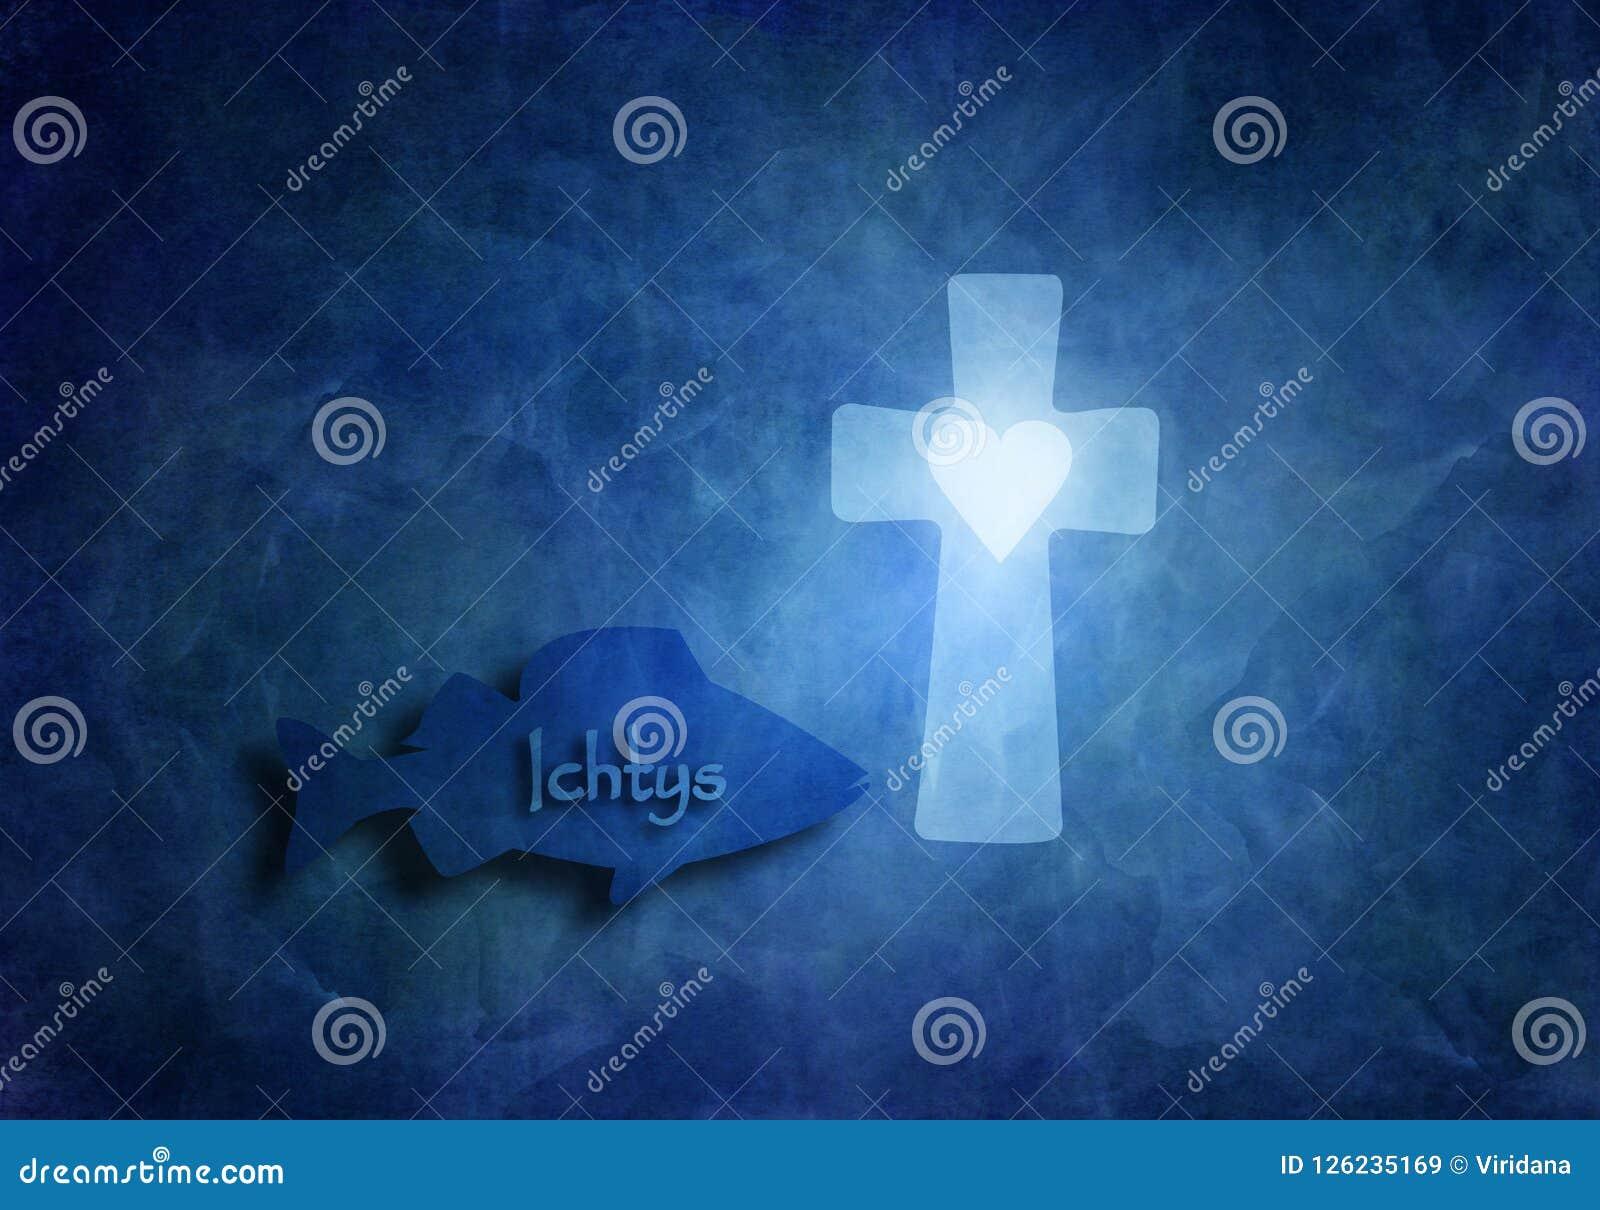 Pesque com natação do sinal de Ichtys no mar azul e uma cruz cristã com os deuses de simbolização de um coração ama em período da